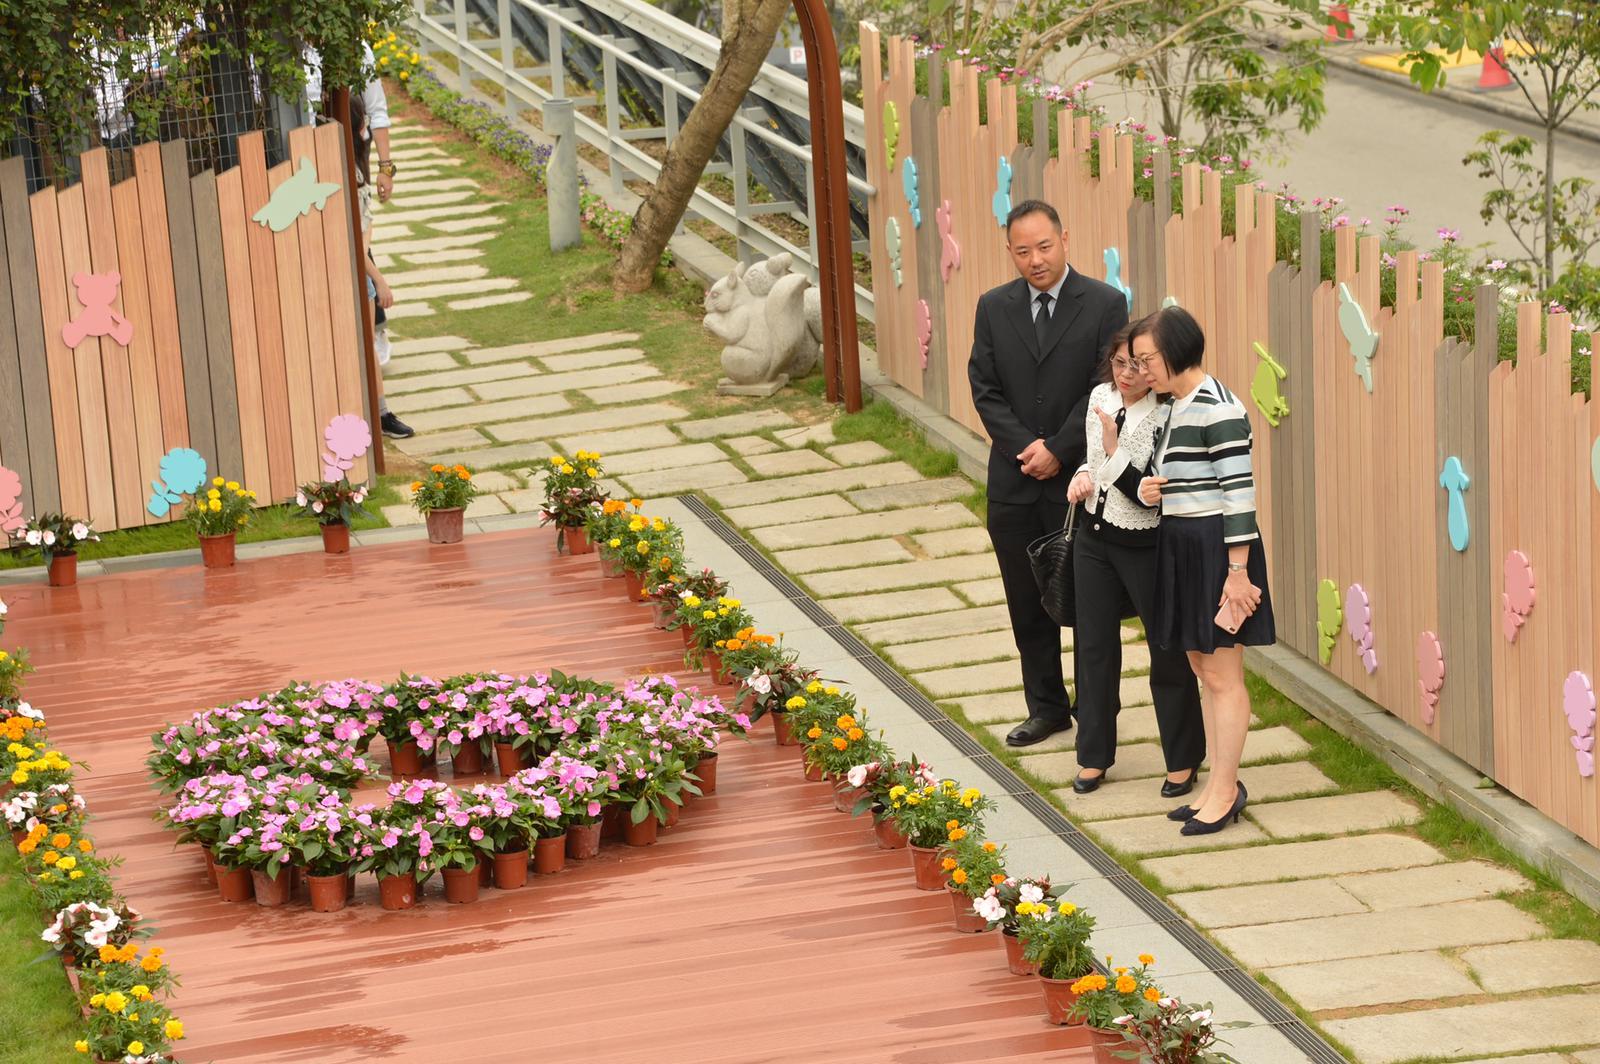 食物及衞生局局長陳肇始視察設施。